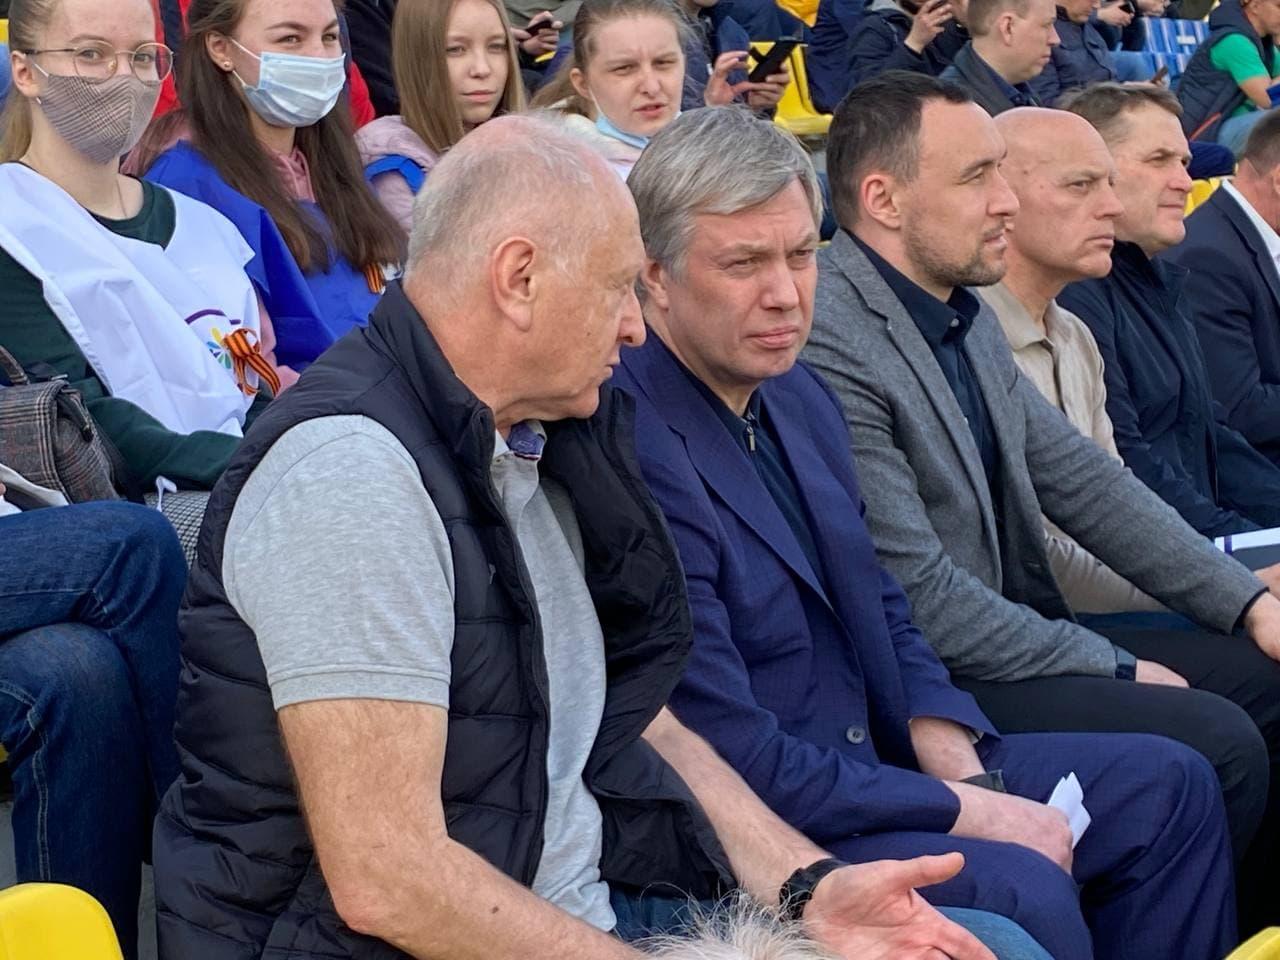 Патриот Русских. Болеет за «Спартак» и скоро сам выйдет на поле